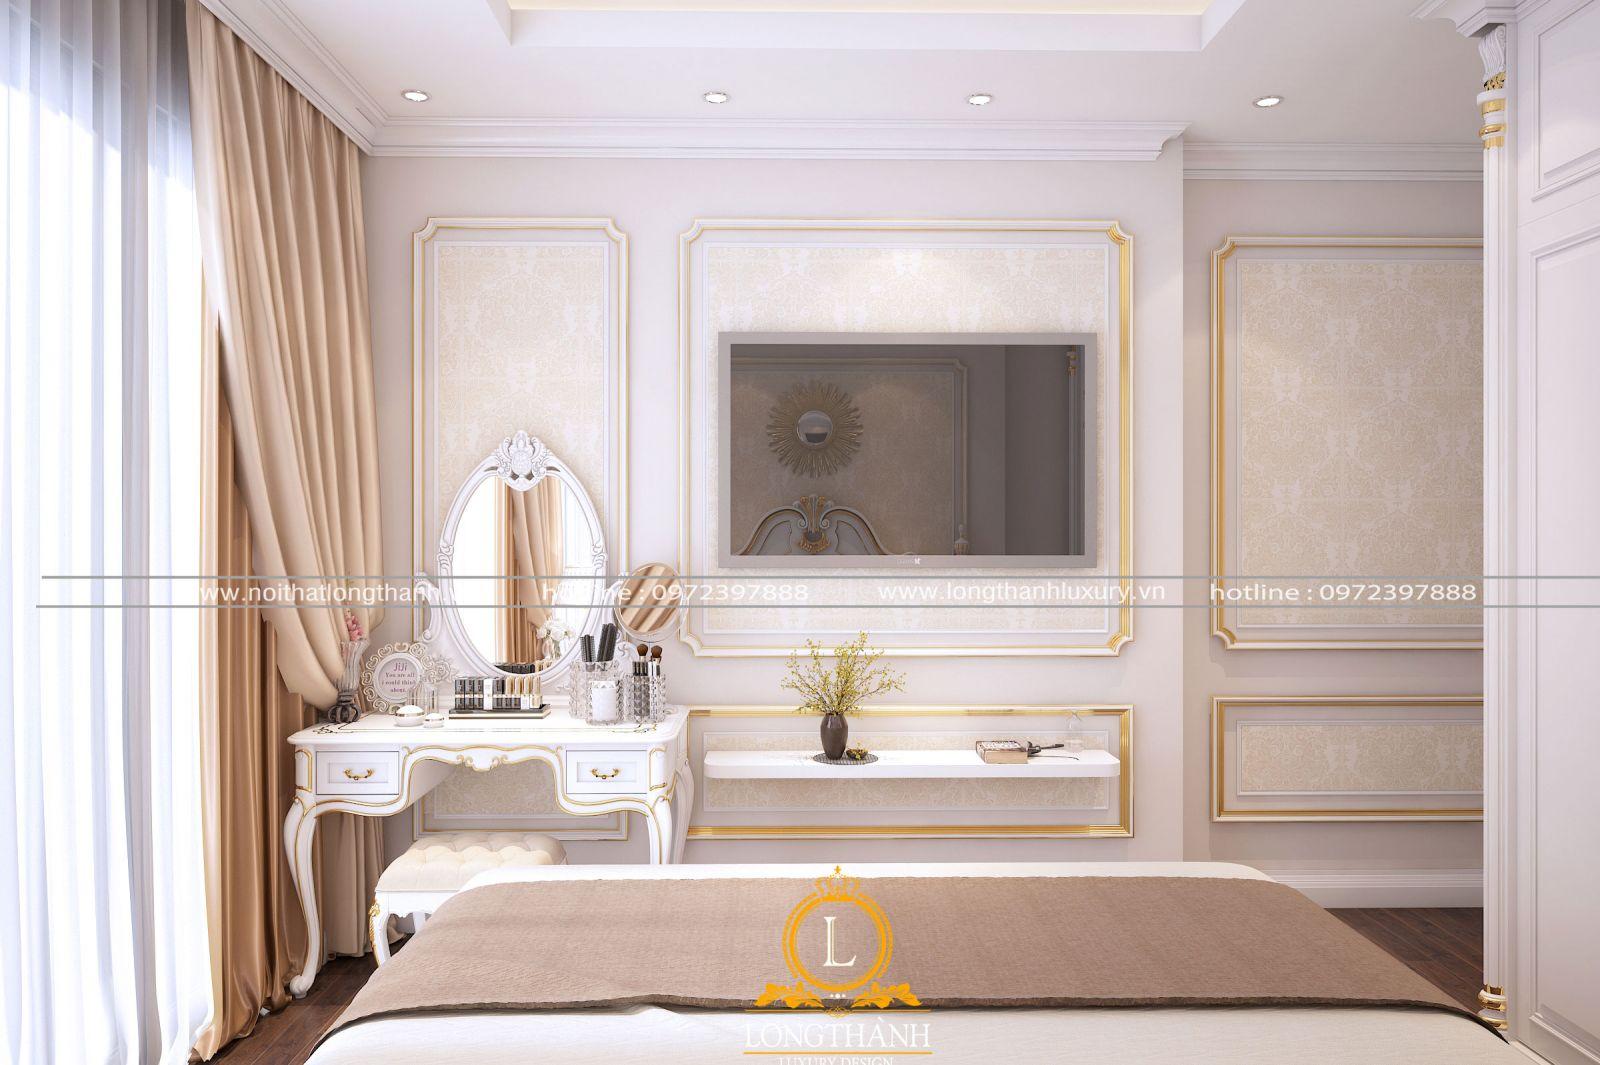 Chiếc bàn phấn được thiết kế cân đối cùng không gian phòng ngủ